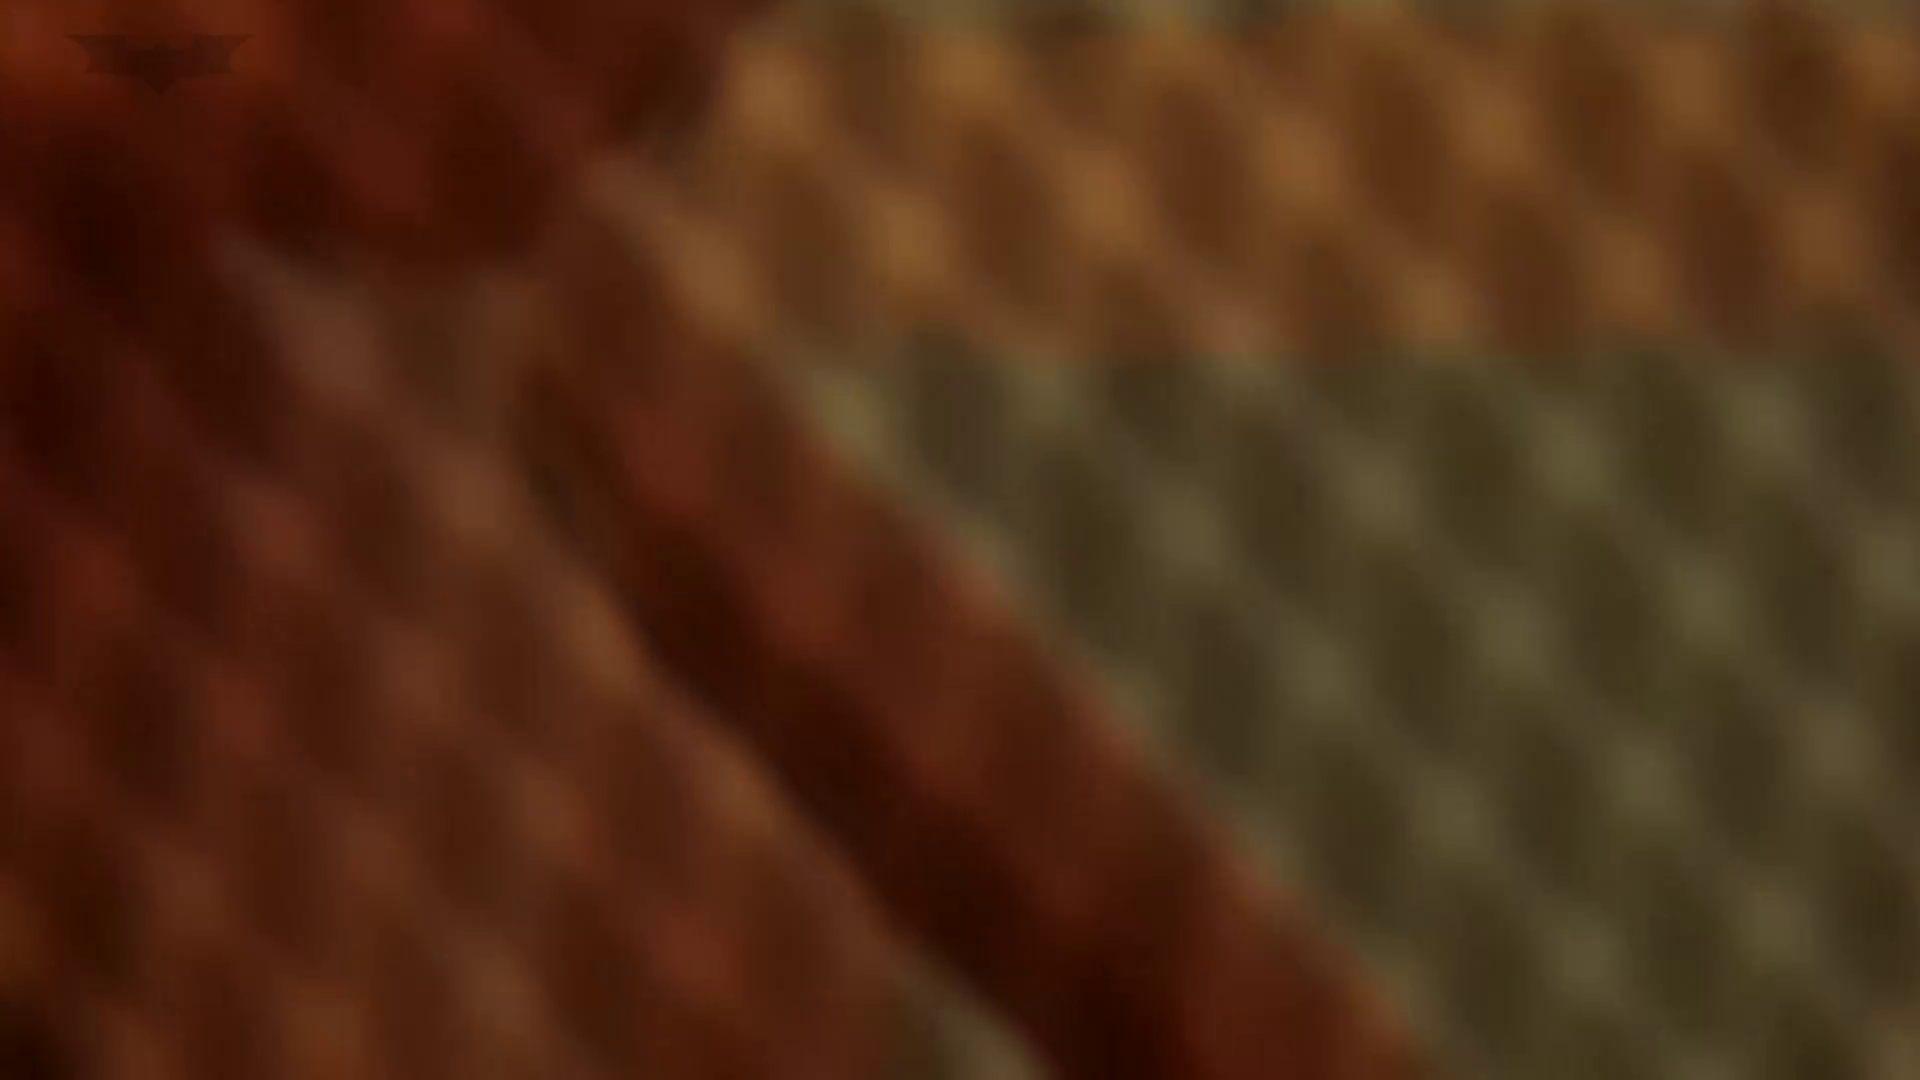 *華の女子寮ノゾキ* vol.04 陸上系?就活中のお女市さんJD 女子寮 すけべAV動画紹介 74pic 5